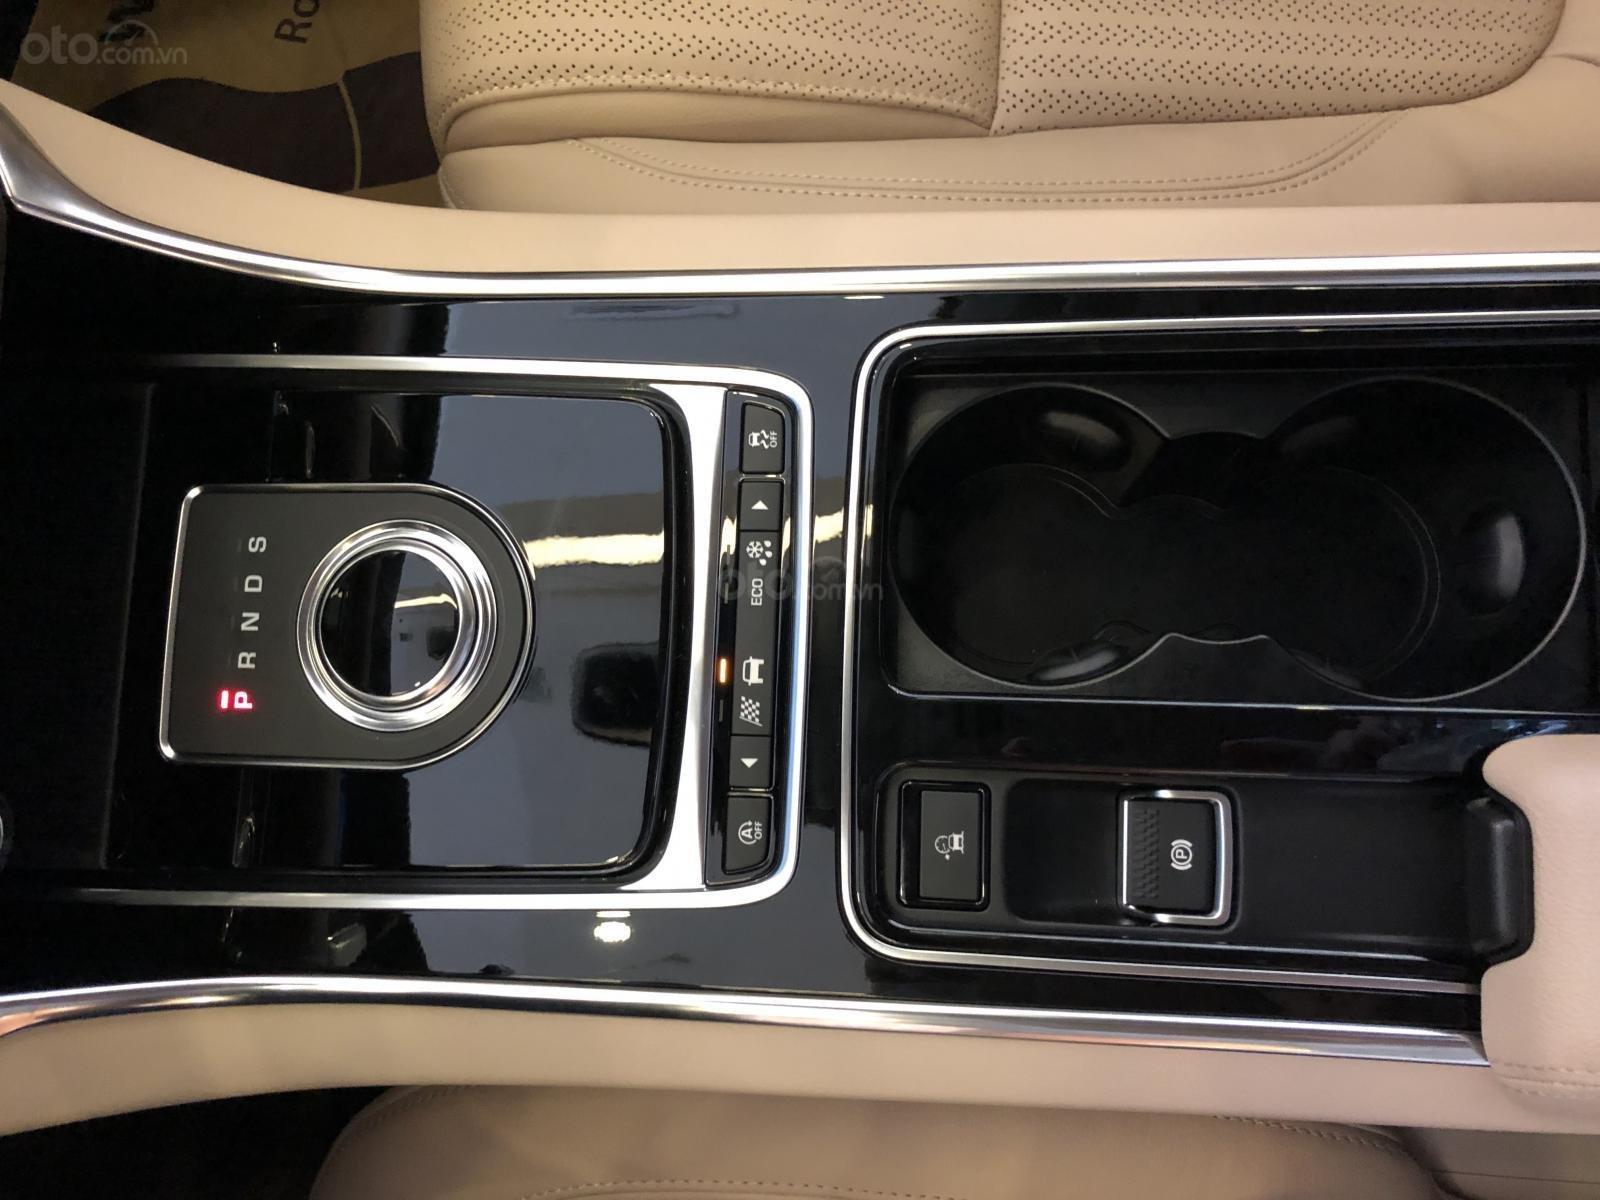 Bán xe Jaguar XF Prestige nhập mới giá tốt, giá xe Jaguar XF 2020 mới, đại lý Jaguar LandRover chính hãng (8)